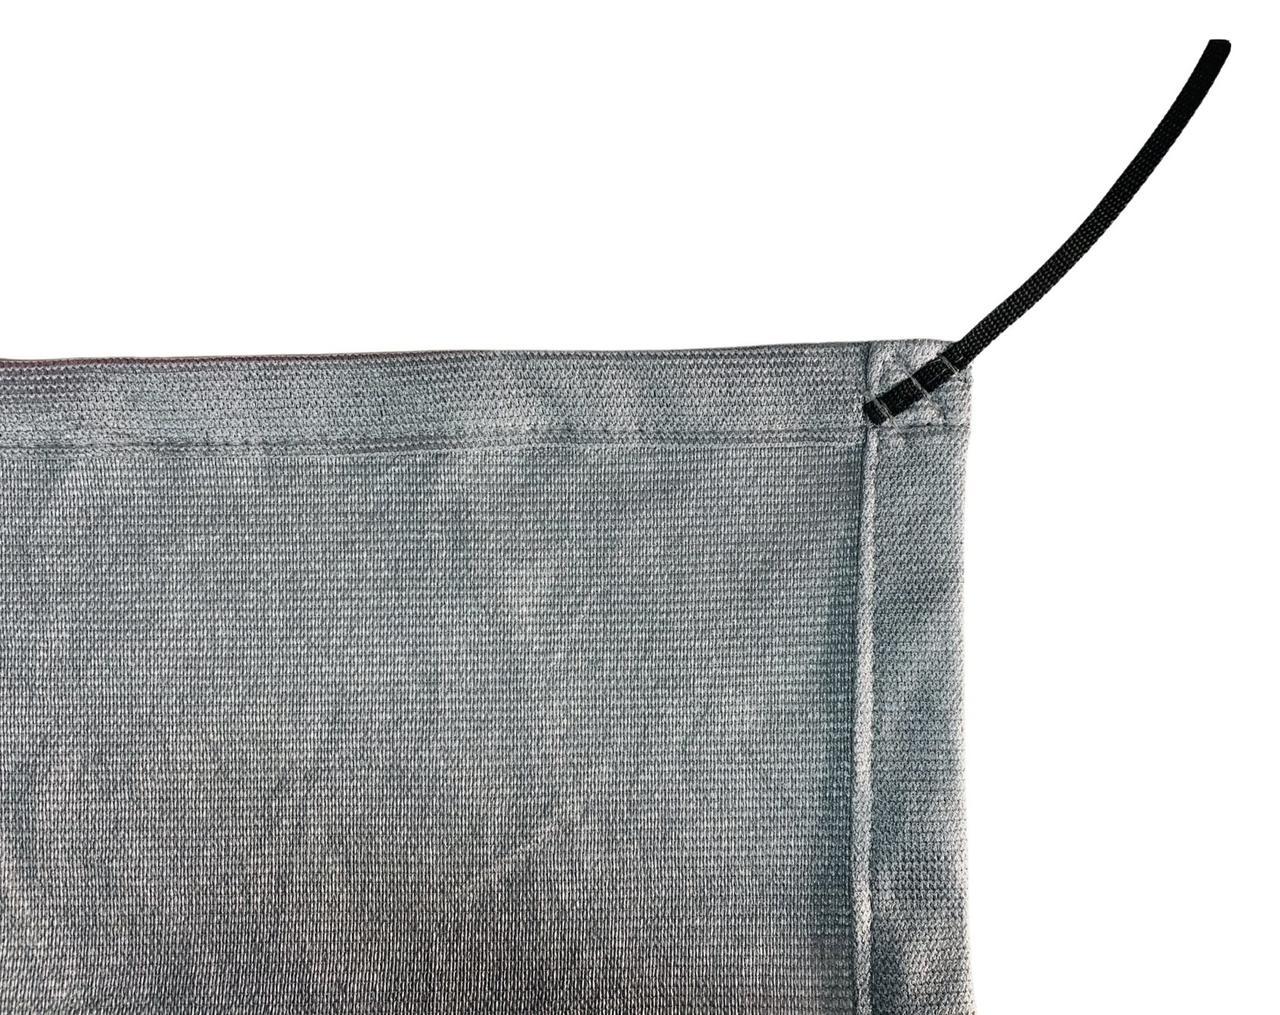 Tela de Sombreamento 90% Prata com Esticadores - Largura: 1,8 Metros